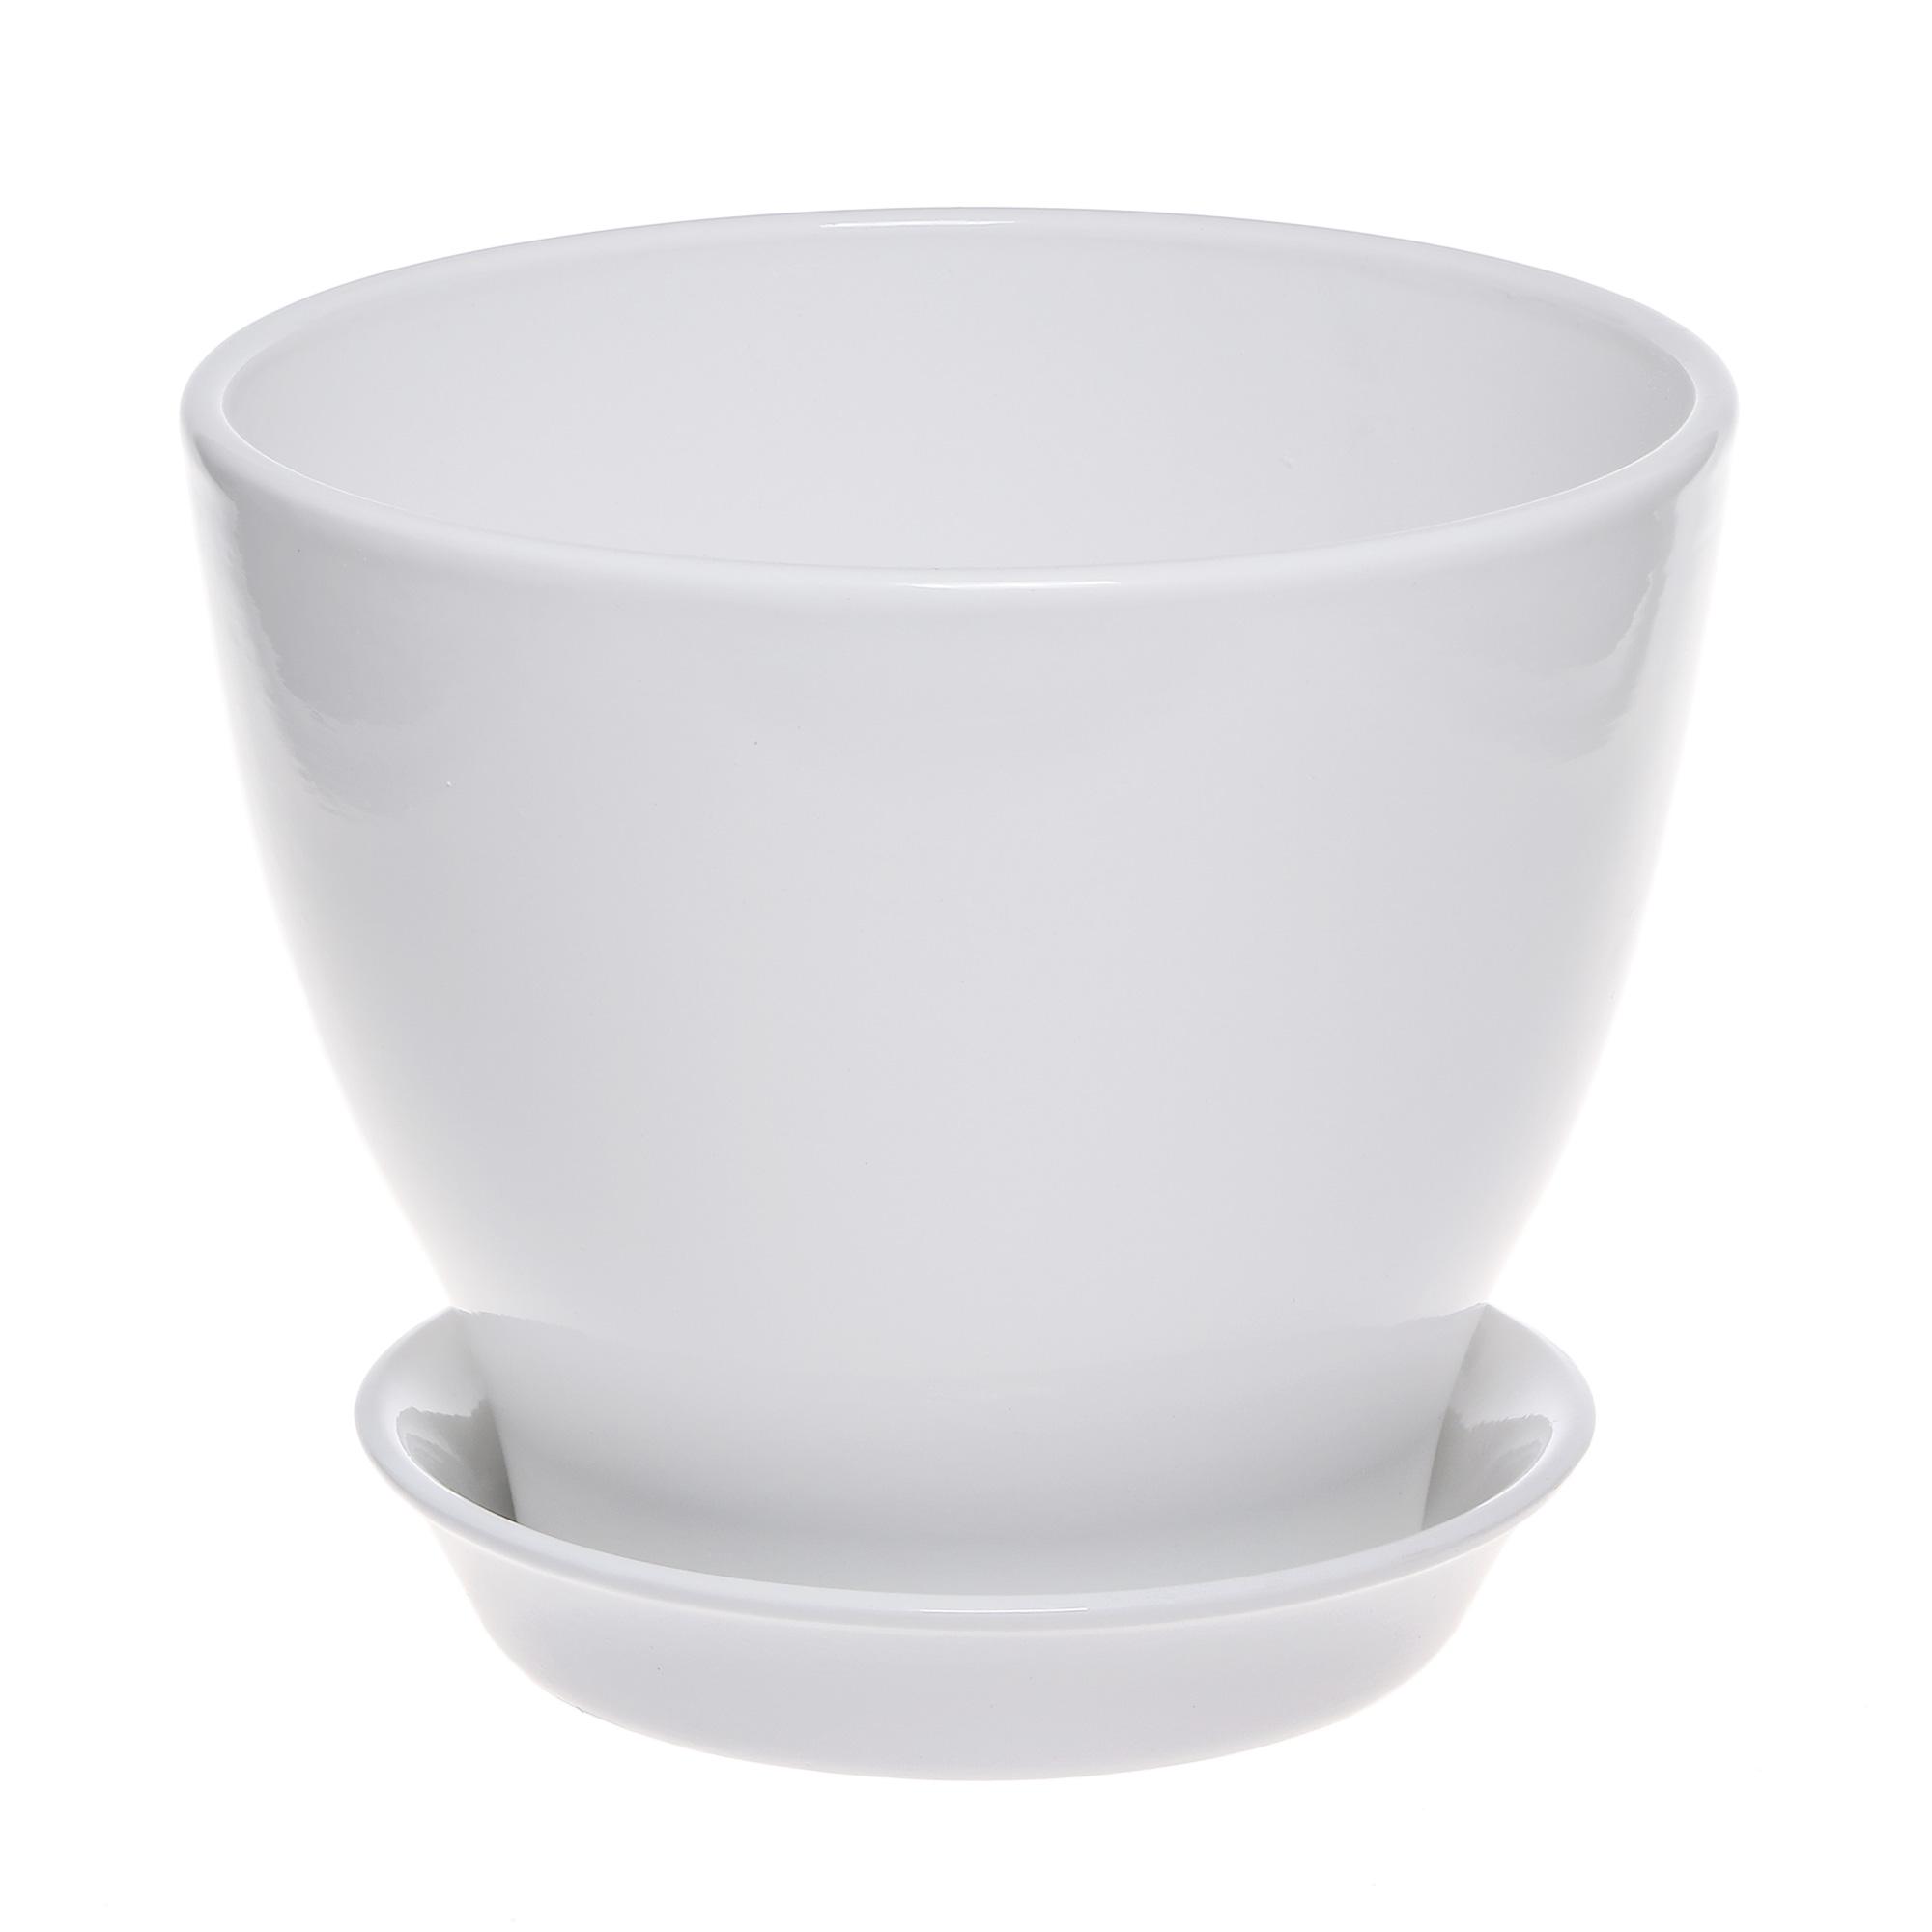 Горшок с поддоном Элитная керамика Ксения глянец белый d25см.